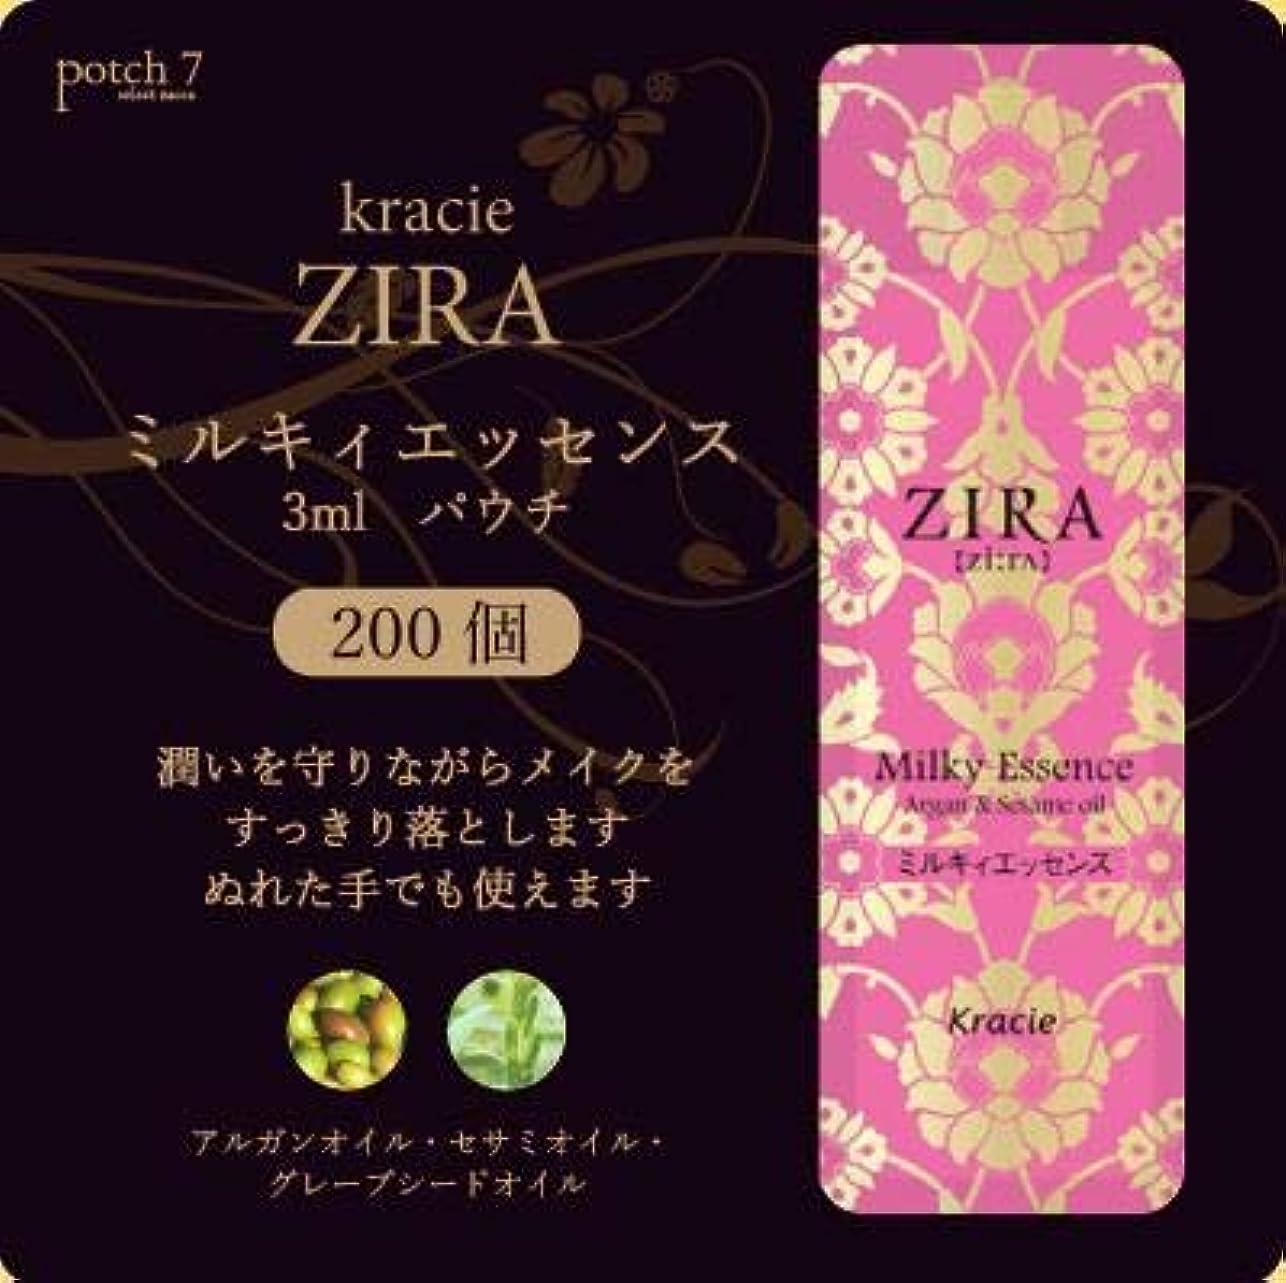 当社自伝人類Kracie クラシエ ZIRA ジーラ ミルキィエッセンス 美容液 パウチ 3ml 200個入